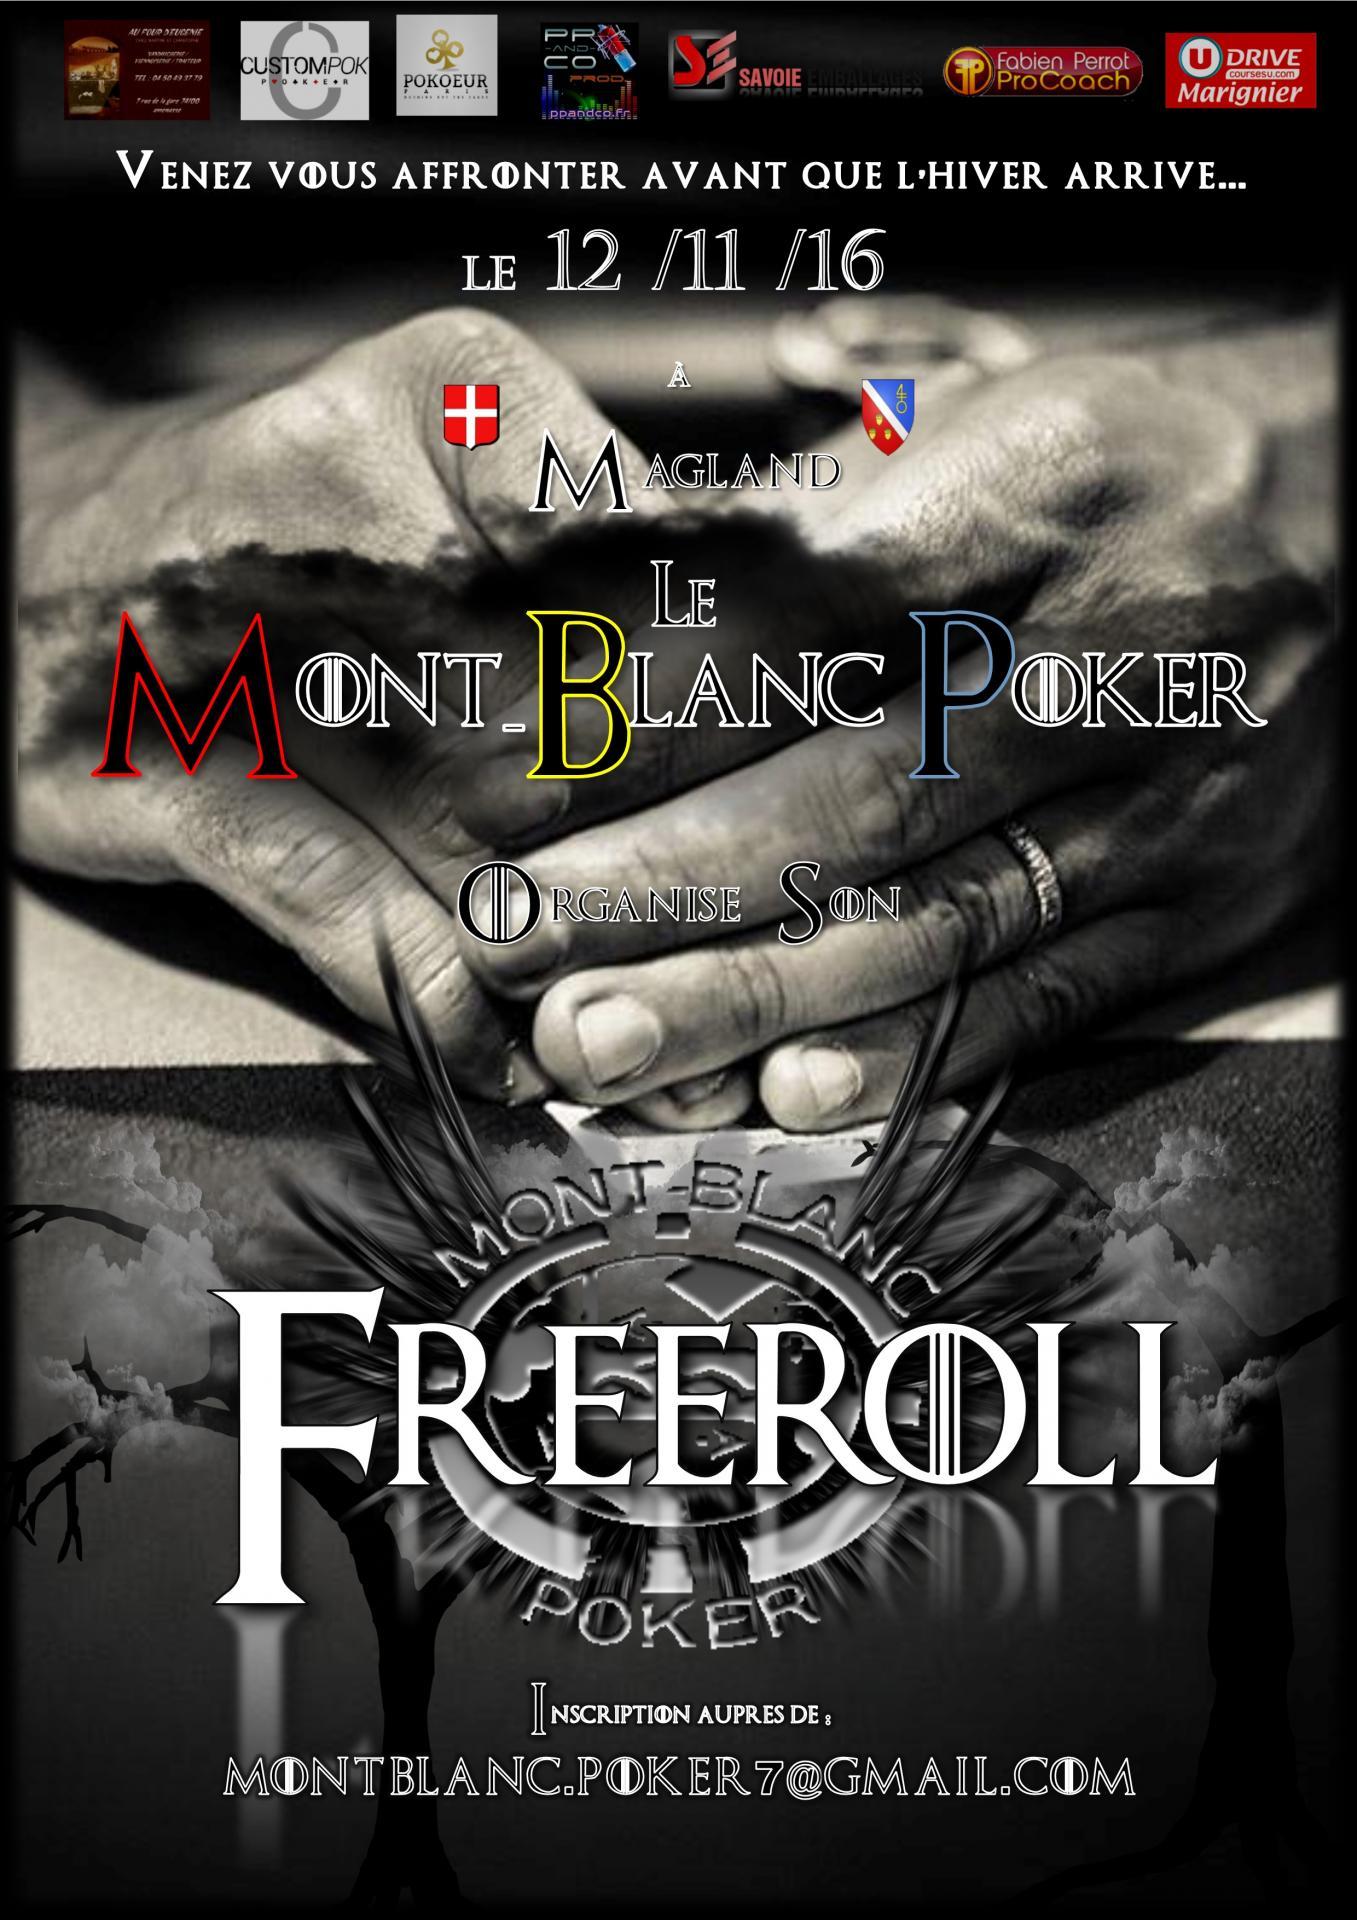 Freeroll 2016 3